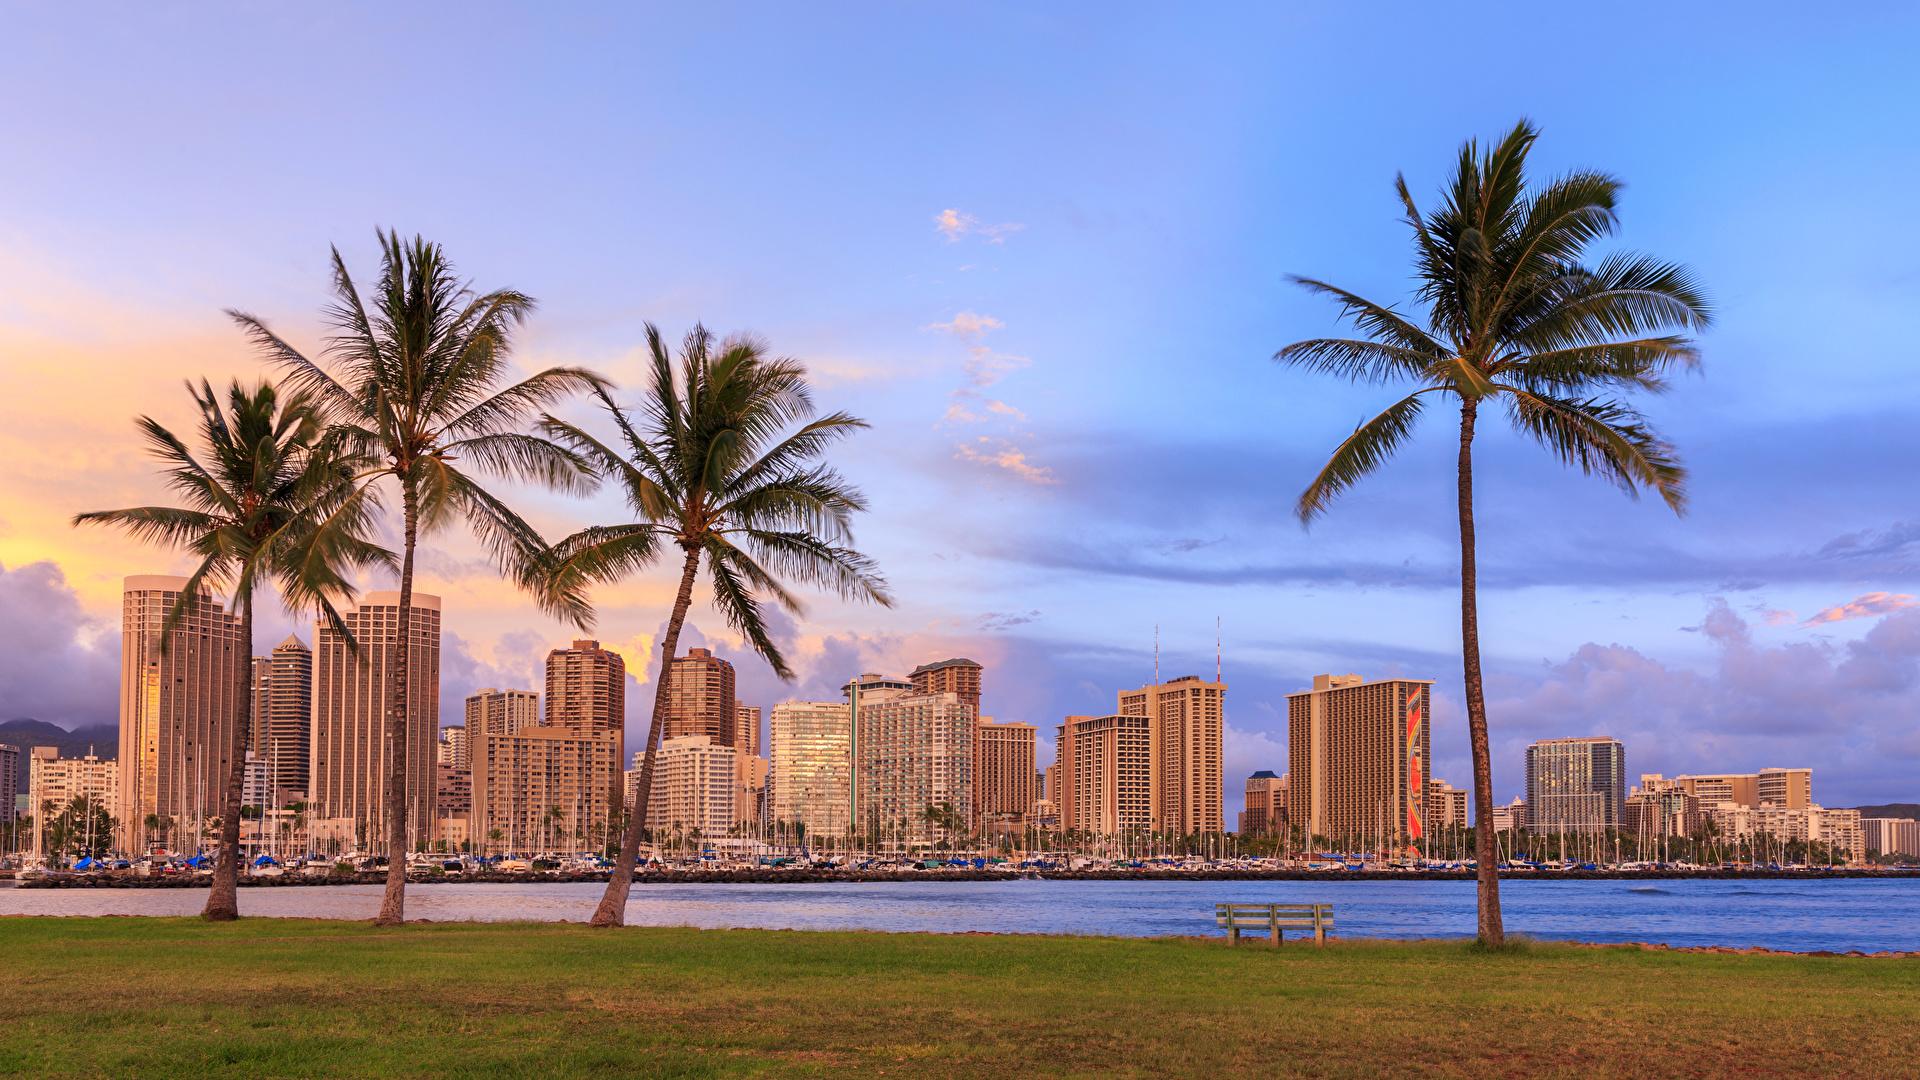 壁紙 1920x1080 住宅 川 空 Waikiki Honolulu ハワイ州 ヤシ